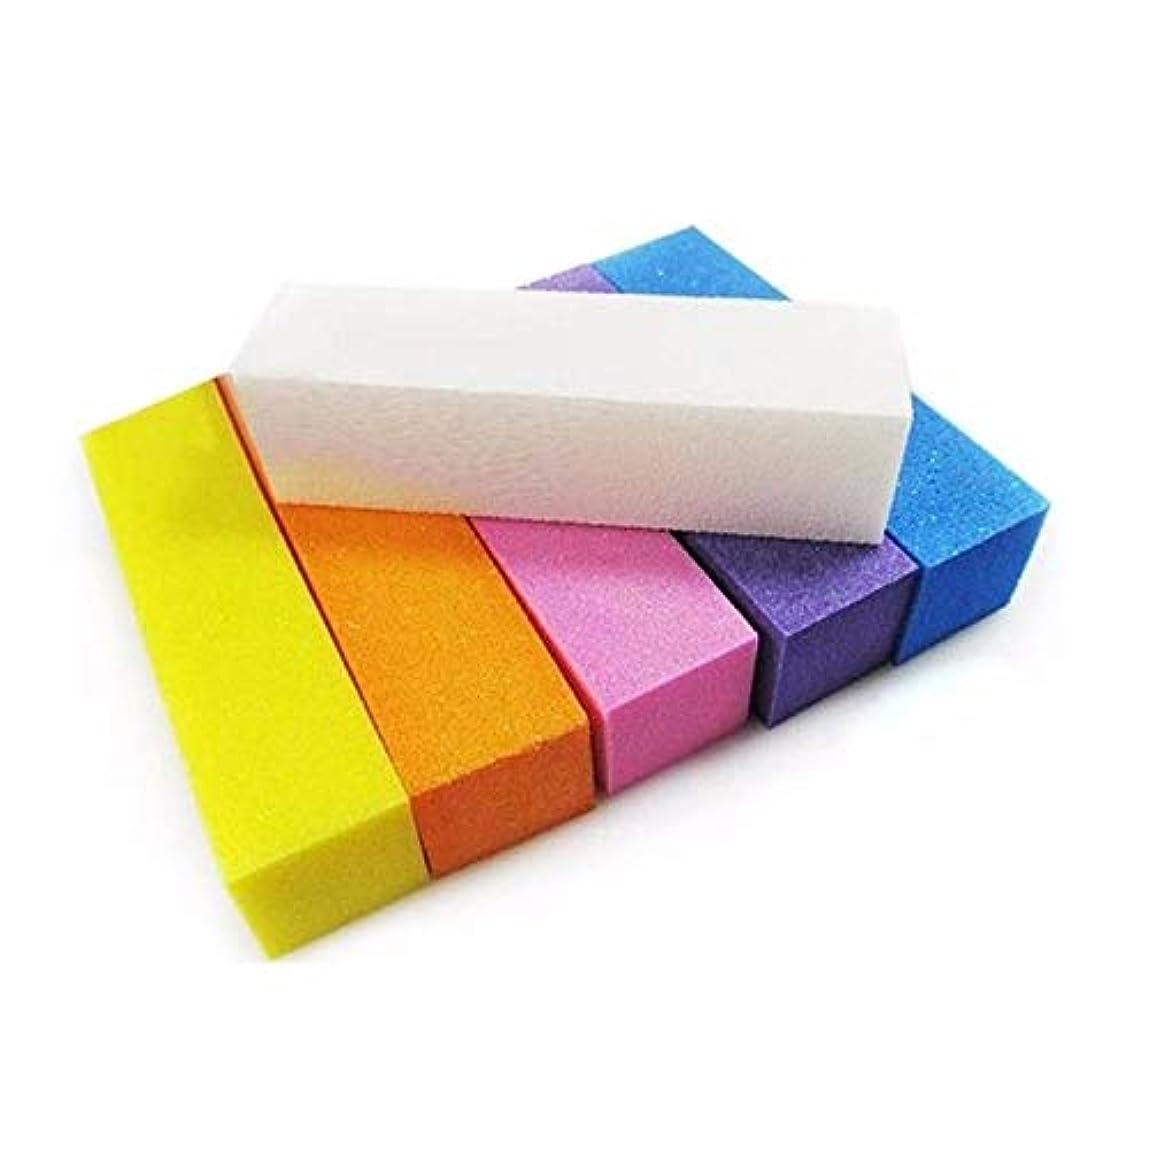 うんチャート机ネイルブロック バフ研磨 パッドブロック バフ用具 メイクツール 研磨ブロック バフ用具 マニキュアペディキュアケアツール (3個)